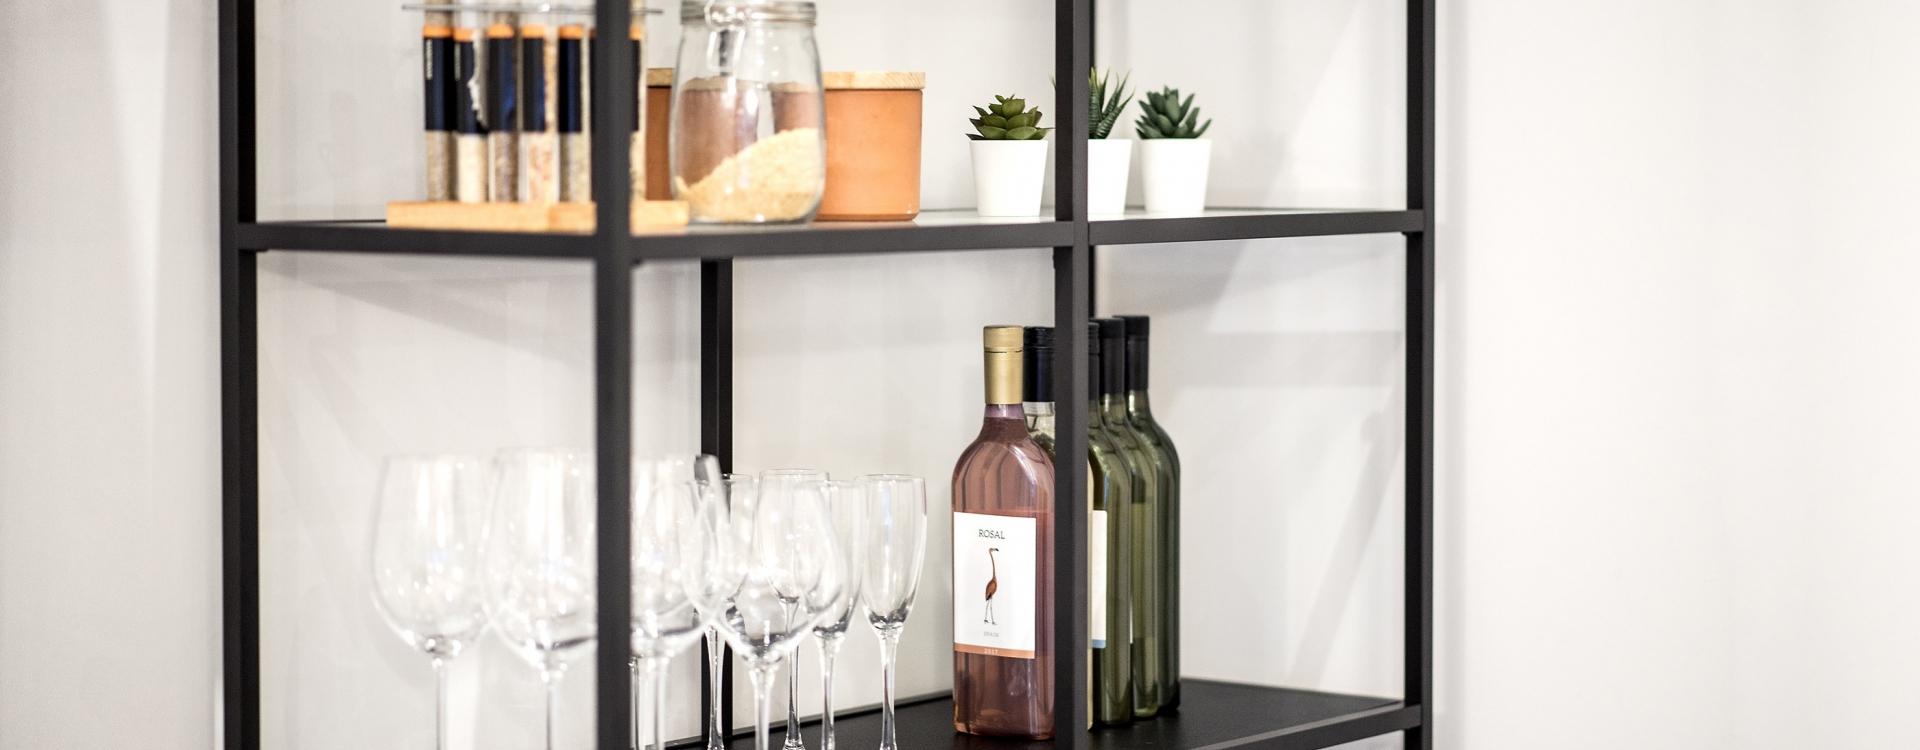 Brands garcon wines 07